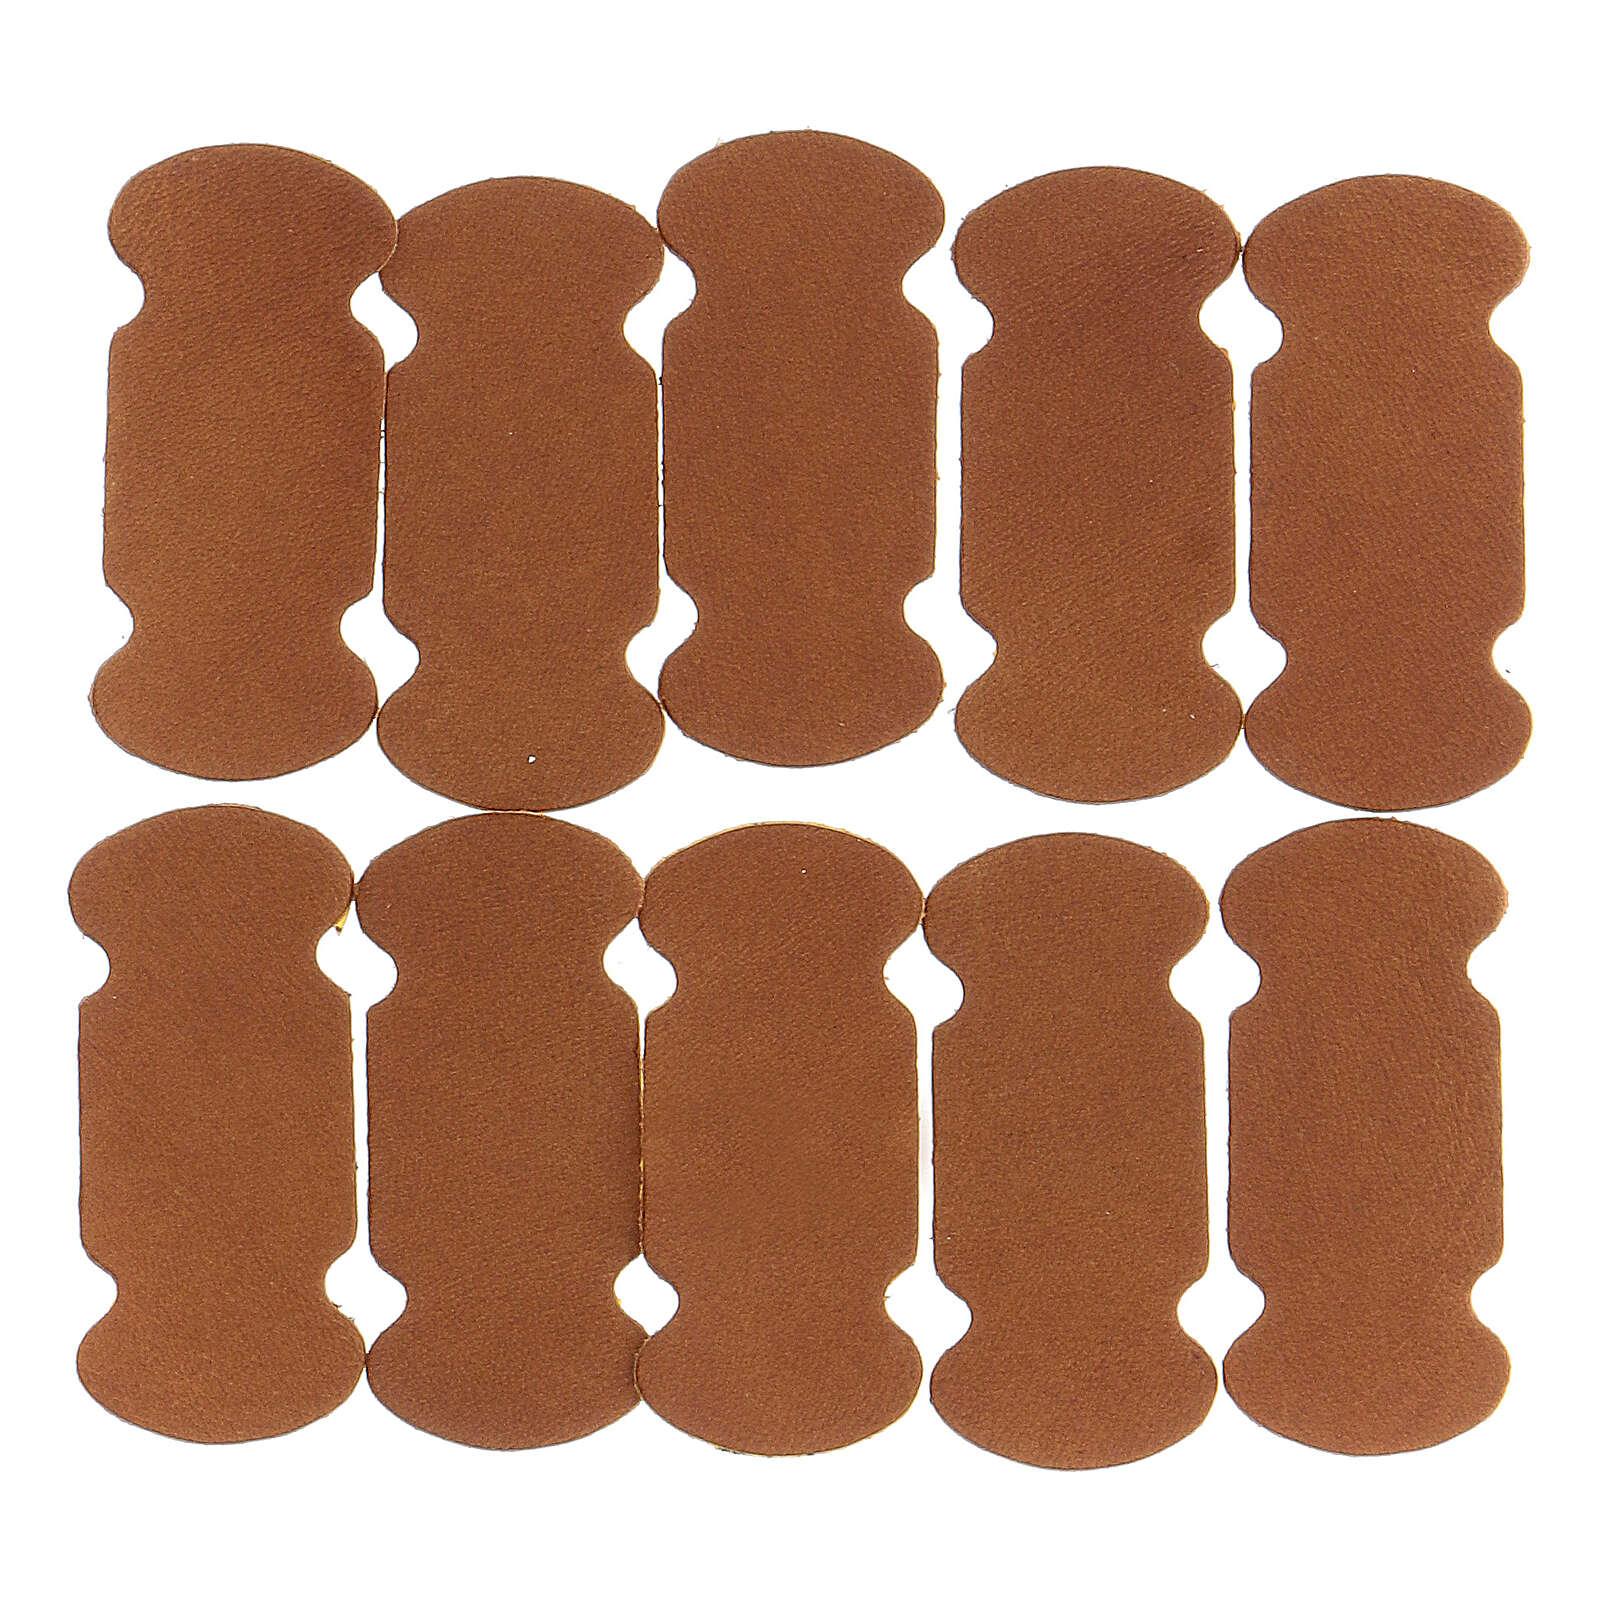 Marque-page adhésif cuir marron 10 pcs pour livres liturgiques 4